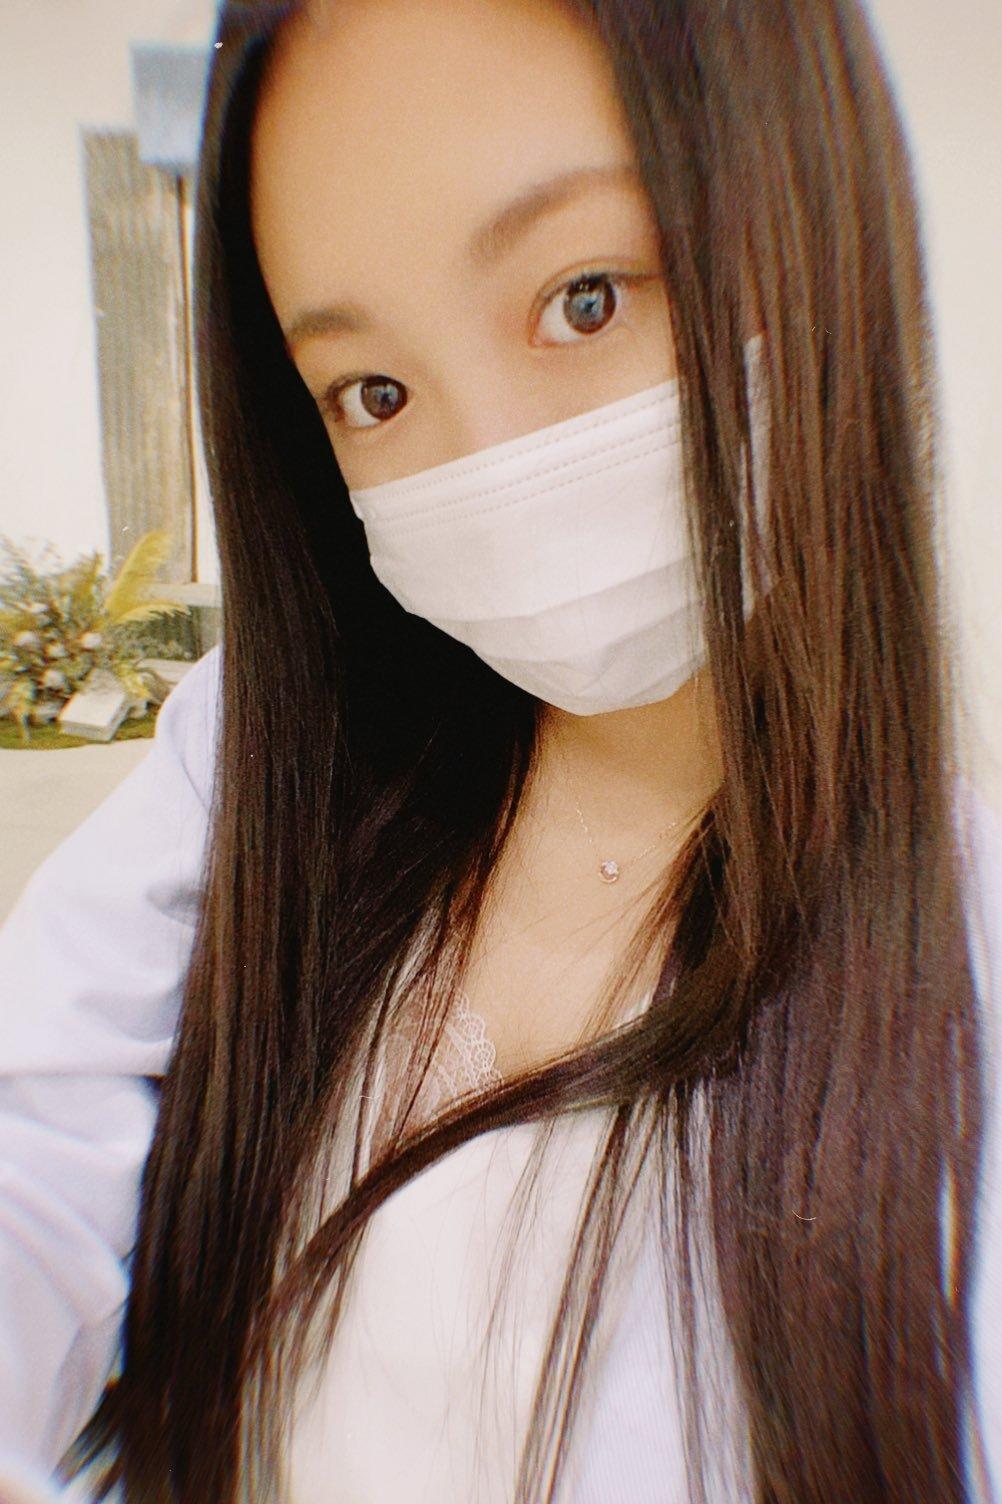 熊本美少女[舞子]昭和感好迷人写真带有复古的青春回忆 养眼图片 第3张